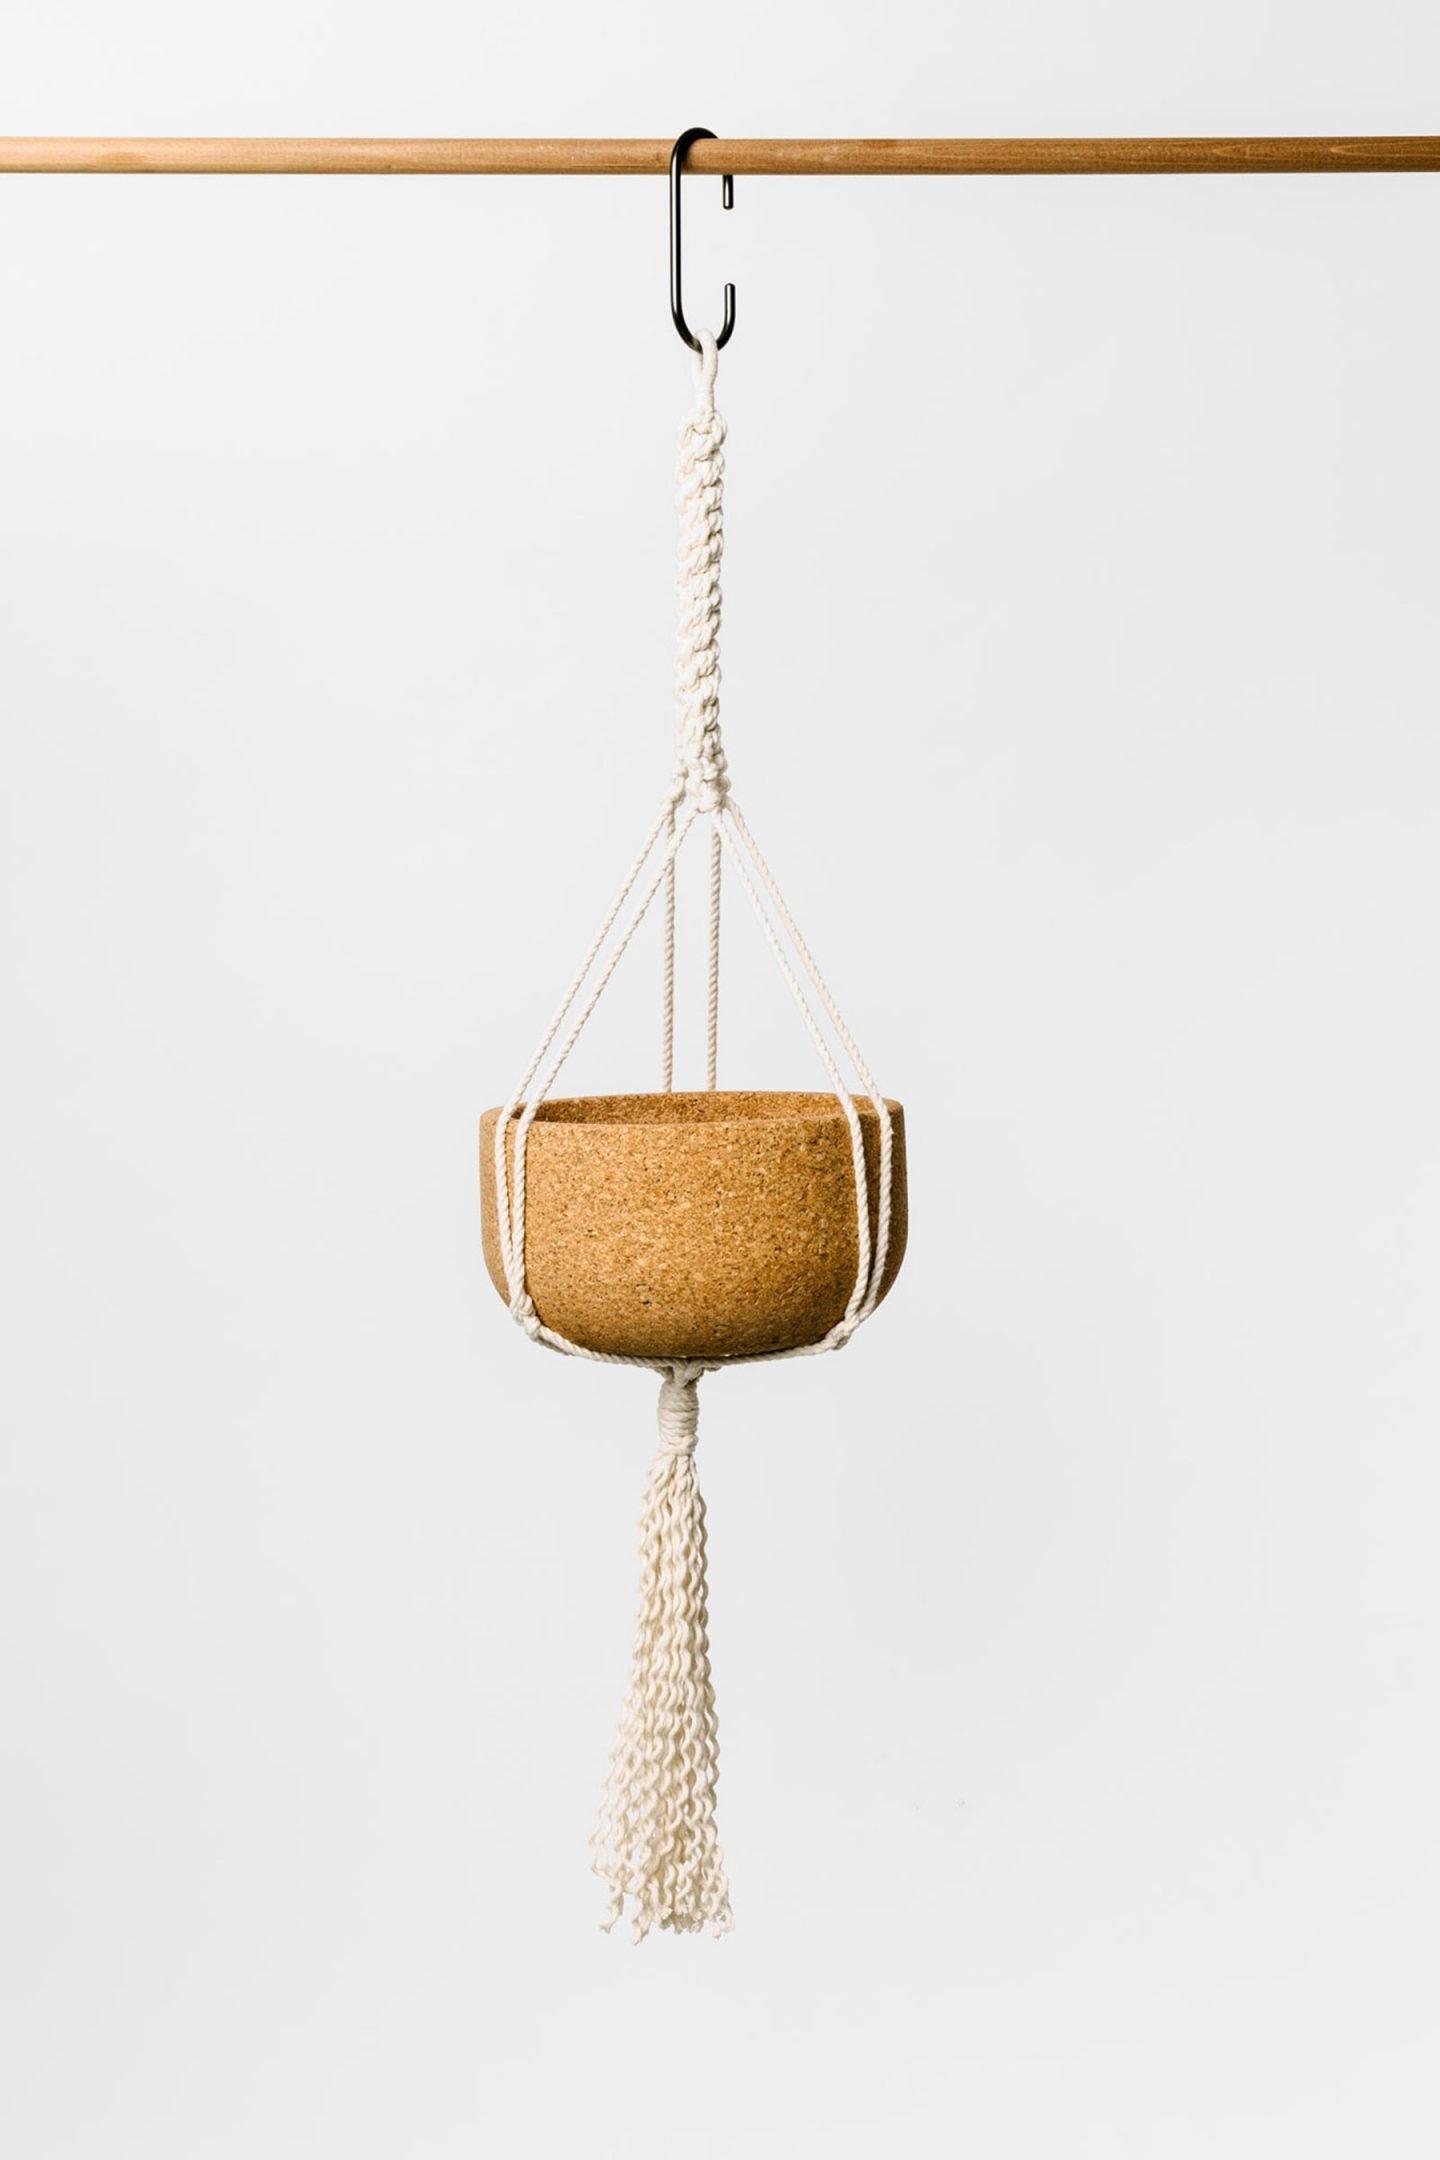 iGNANT-Design-Melanie-Abrantes-Eco-Design-007